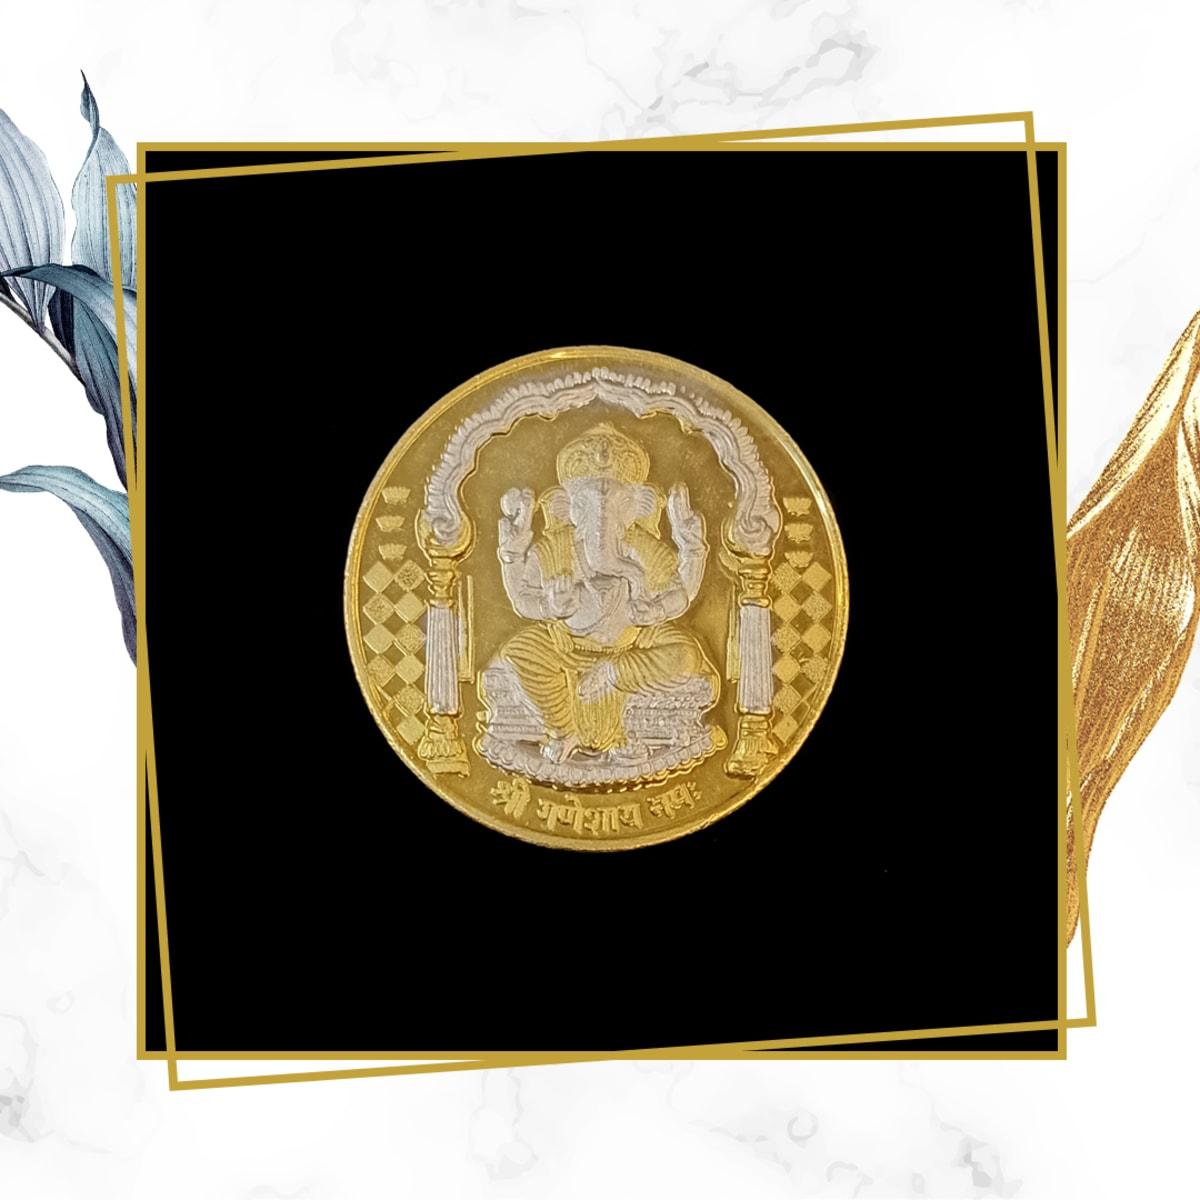 Ganesha Coin 20 Grams